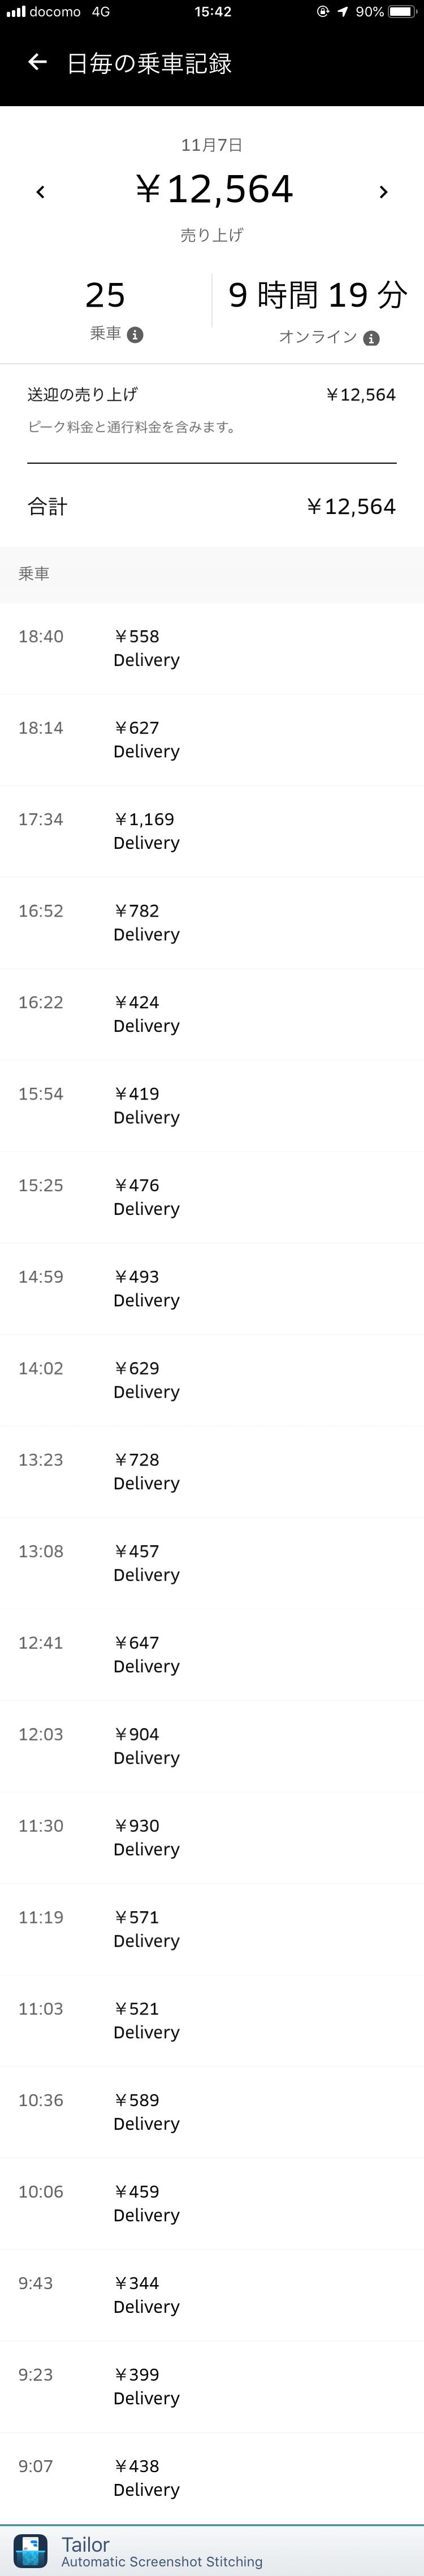 Uber Eats11月7日の配達数字